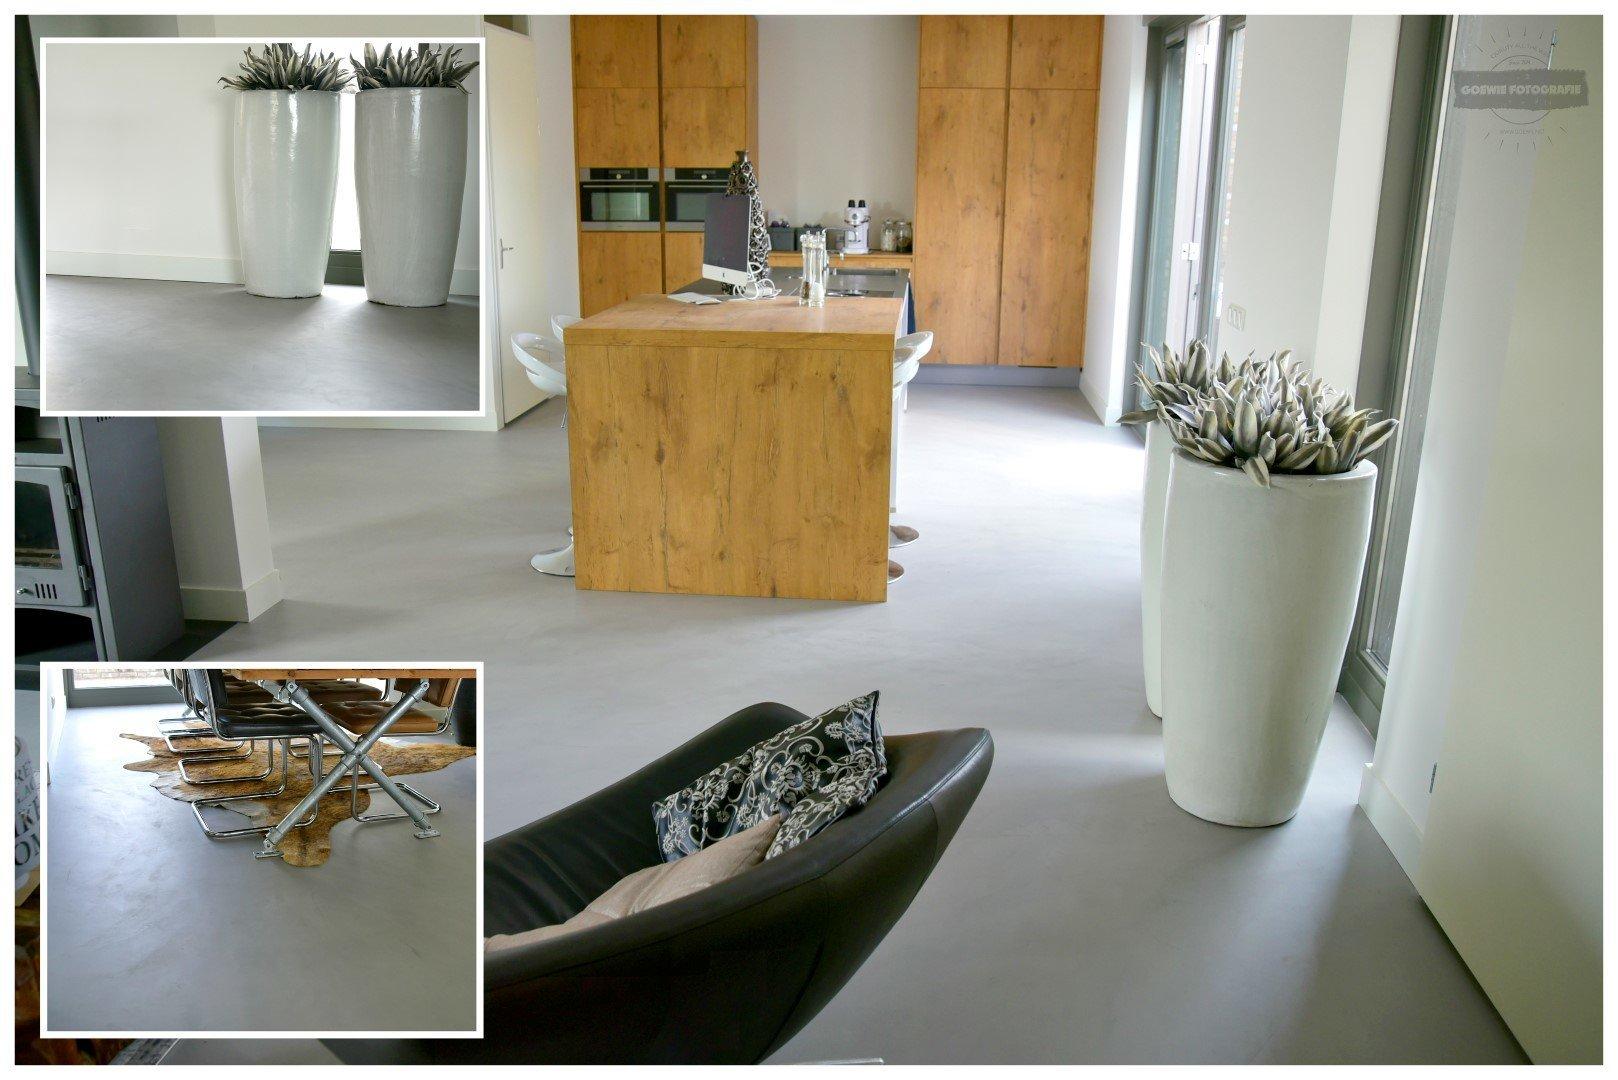 Beton de luxe betonlook vloeren muren en meubels met woonbeton